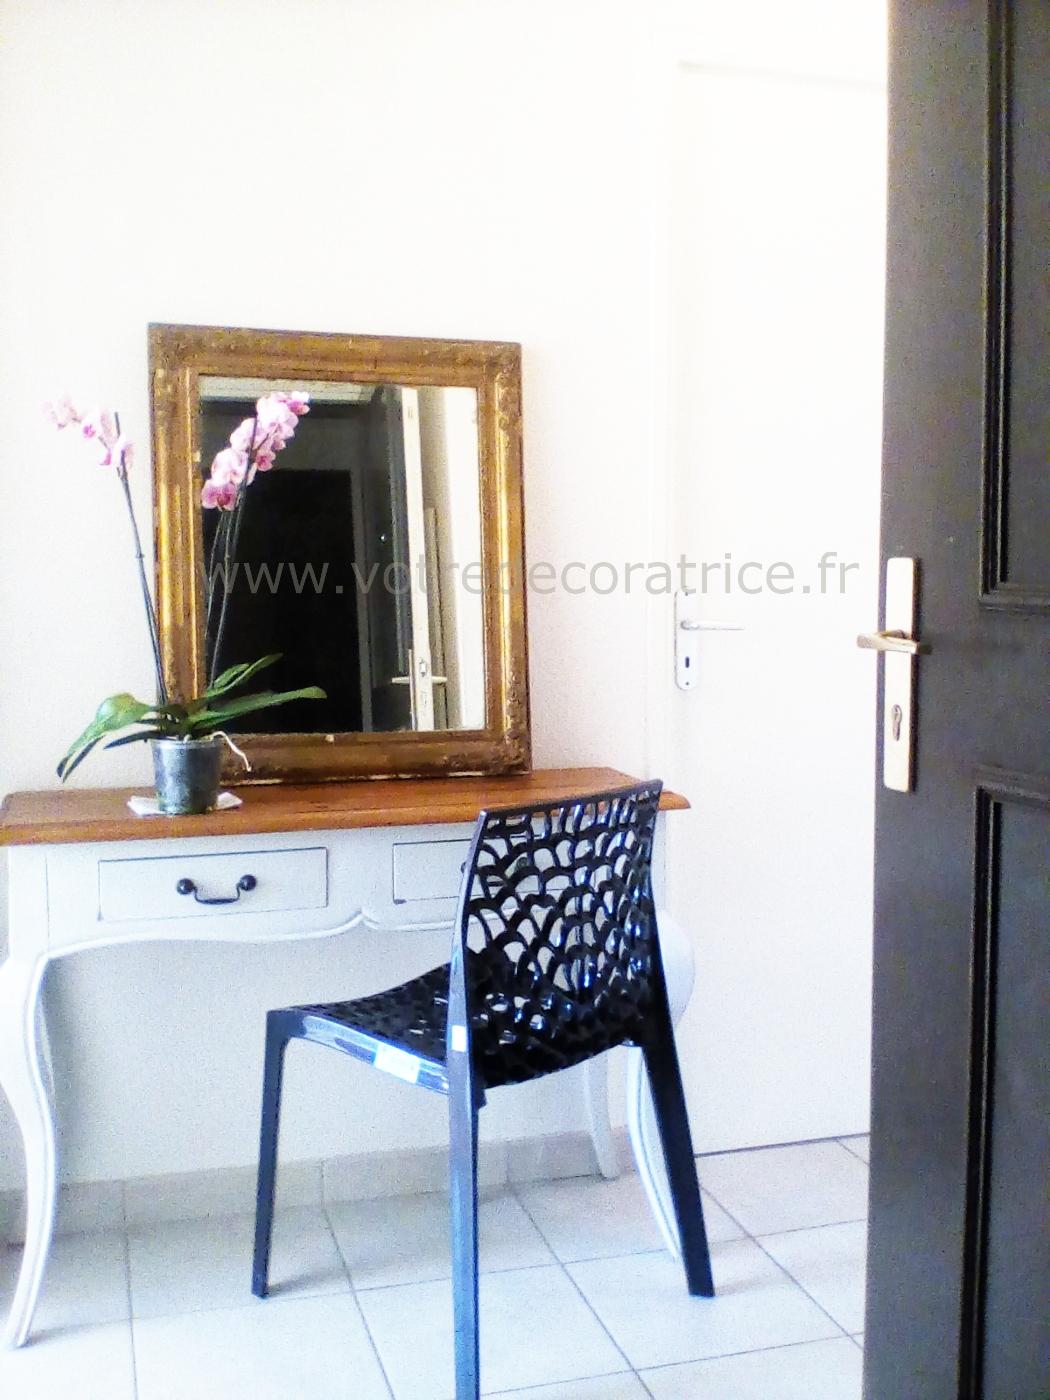 home staging d 39 un appartement en vaucluse votre d coratrice. Black Bedroom Furniture Sets. Home Design Ideas